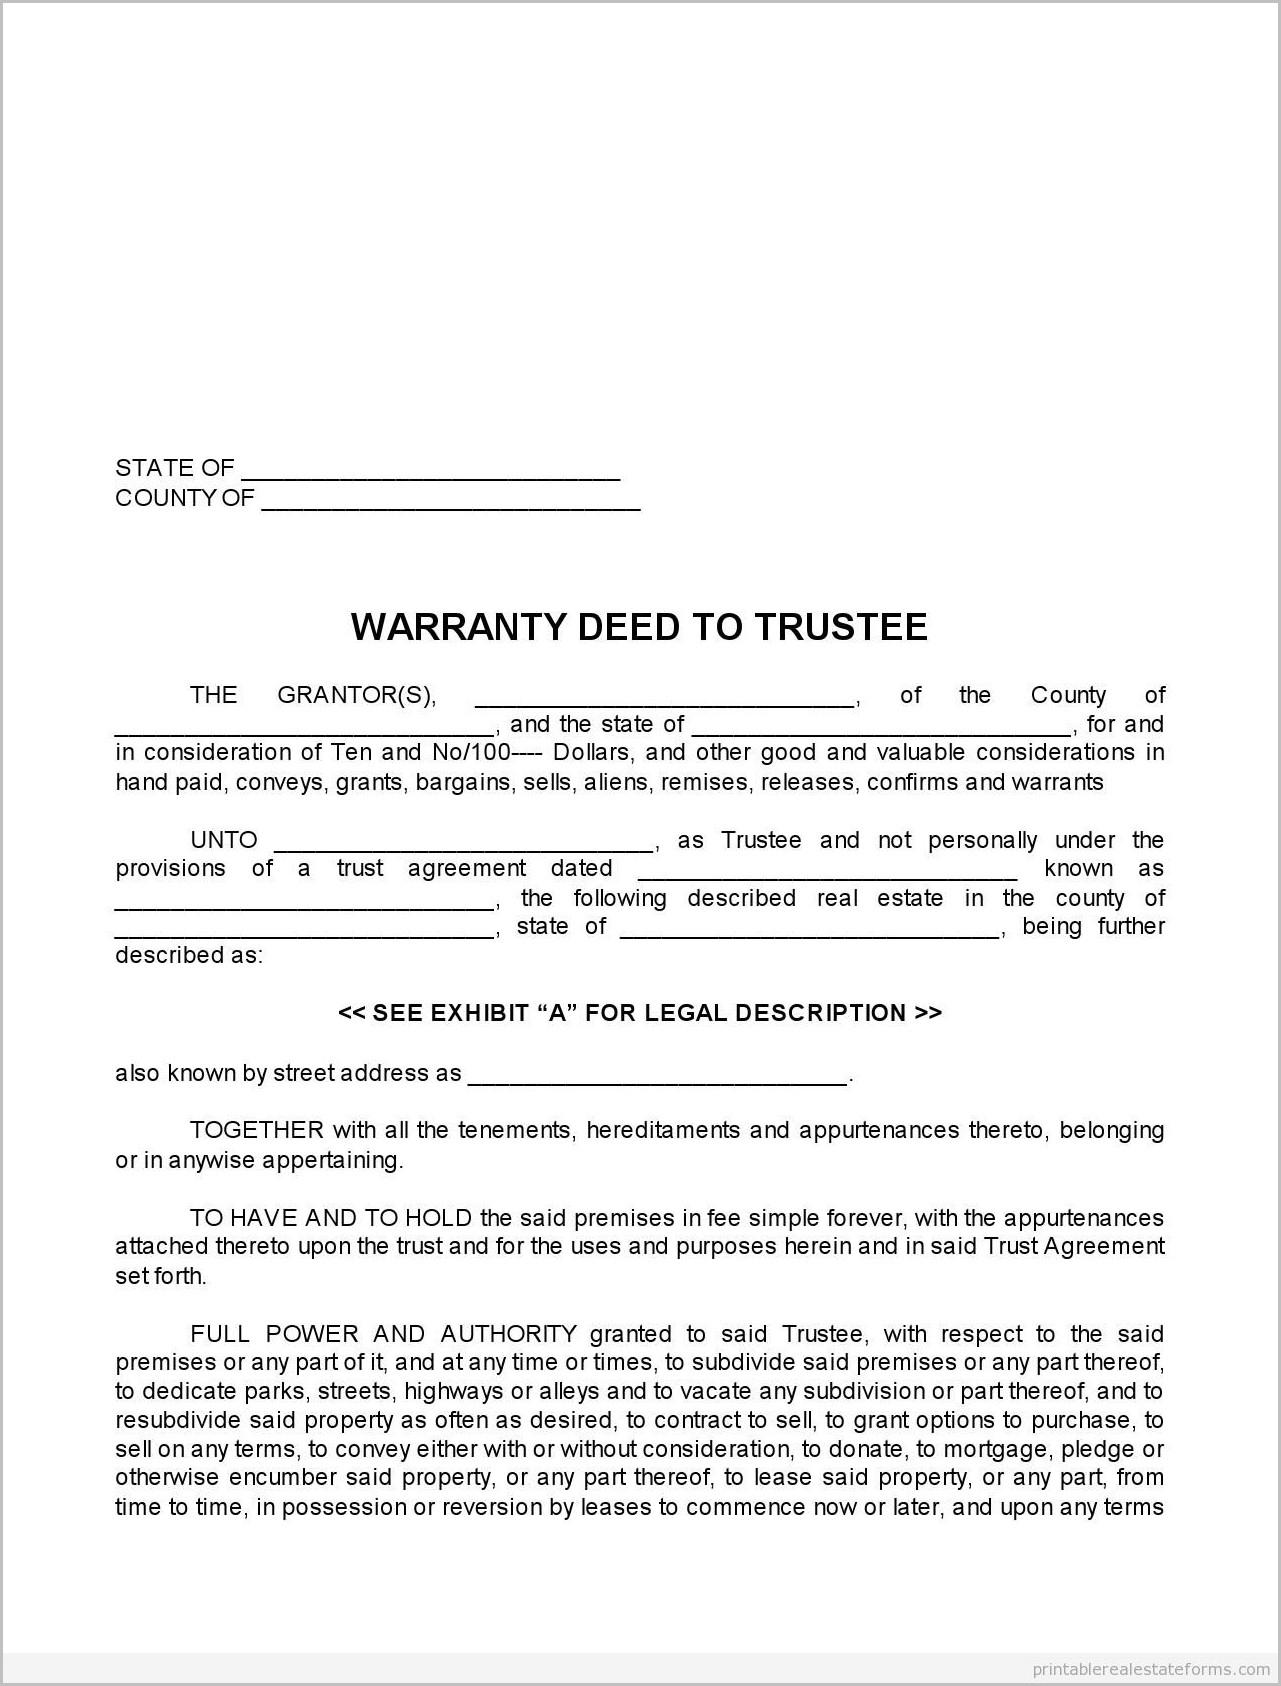 Wisconsin Warranty Deed Form 1 2003